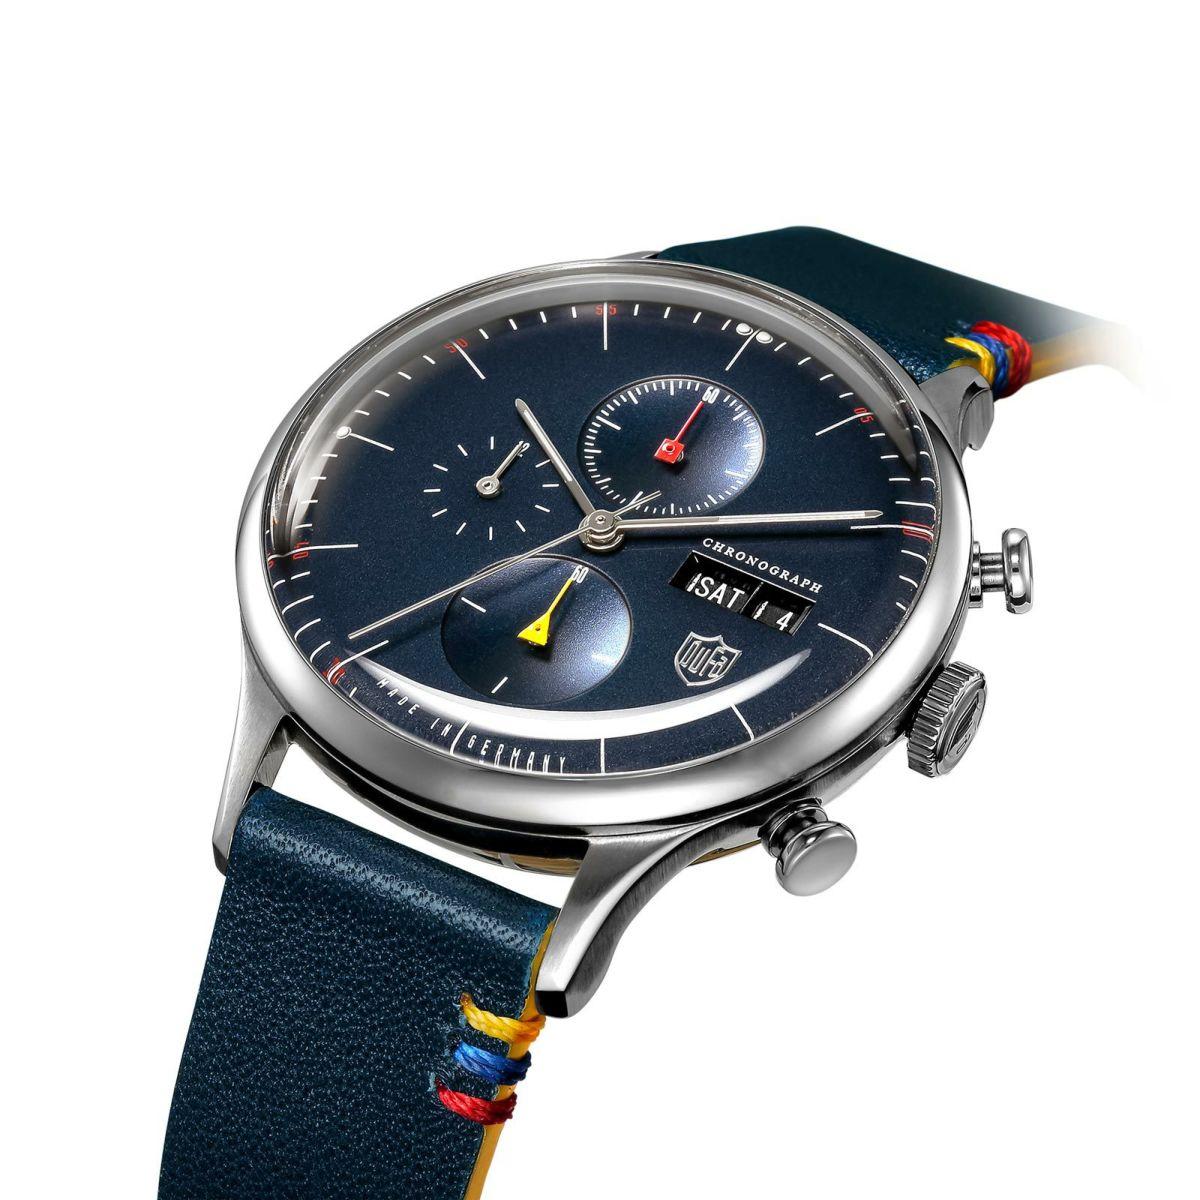 ドゥッファ DUFA 腕時計 メンズ レディース エレメンツシリーズ ELEMENTS SERIES クロノグラフ DF-9021-0D